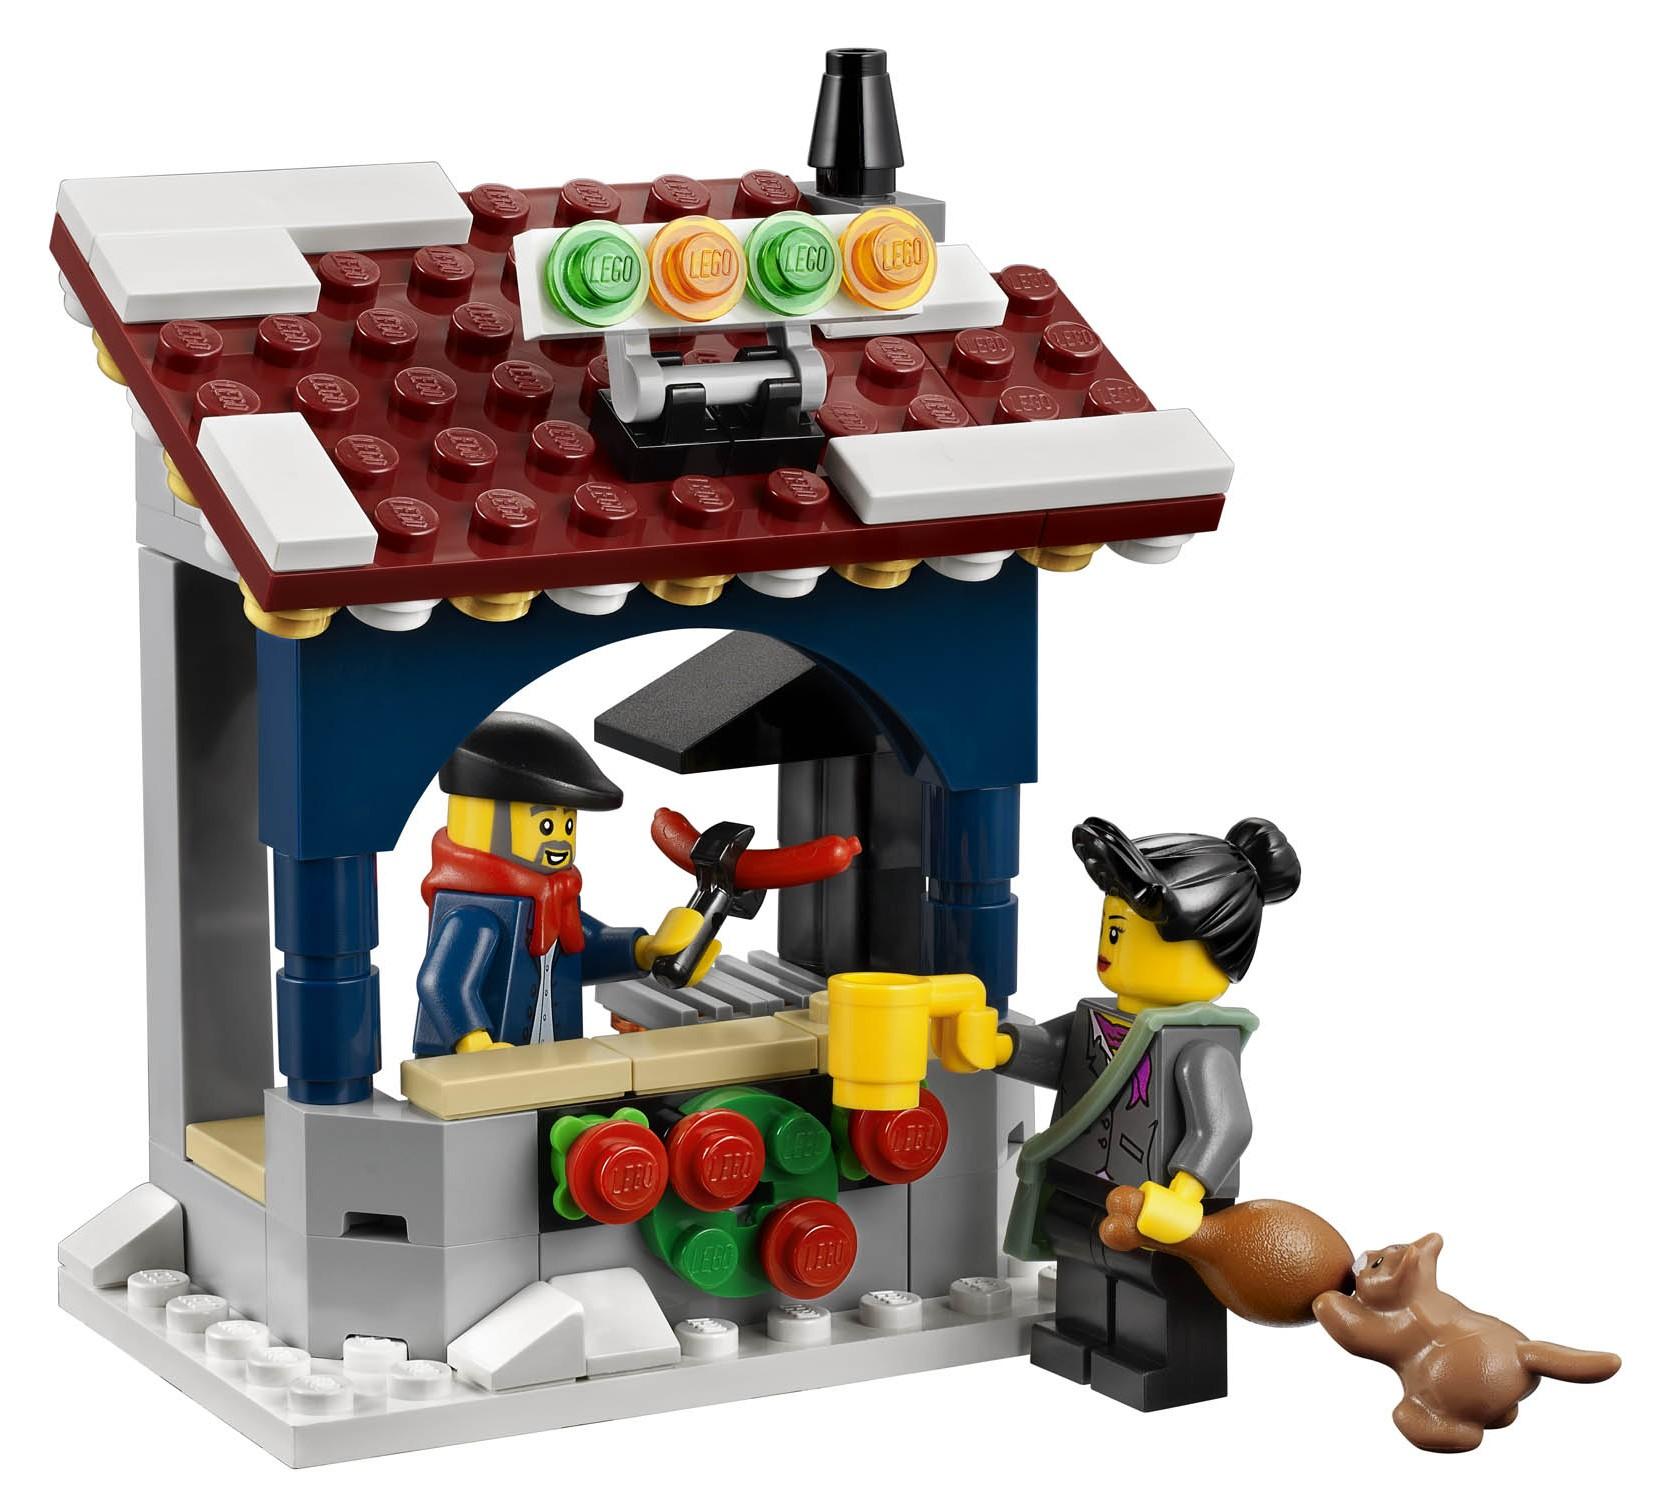 LEGO Winter Village Market 10235 Set Revealed & Photos